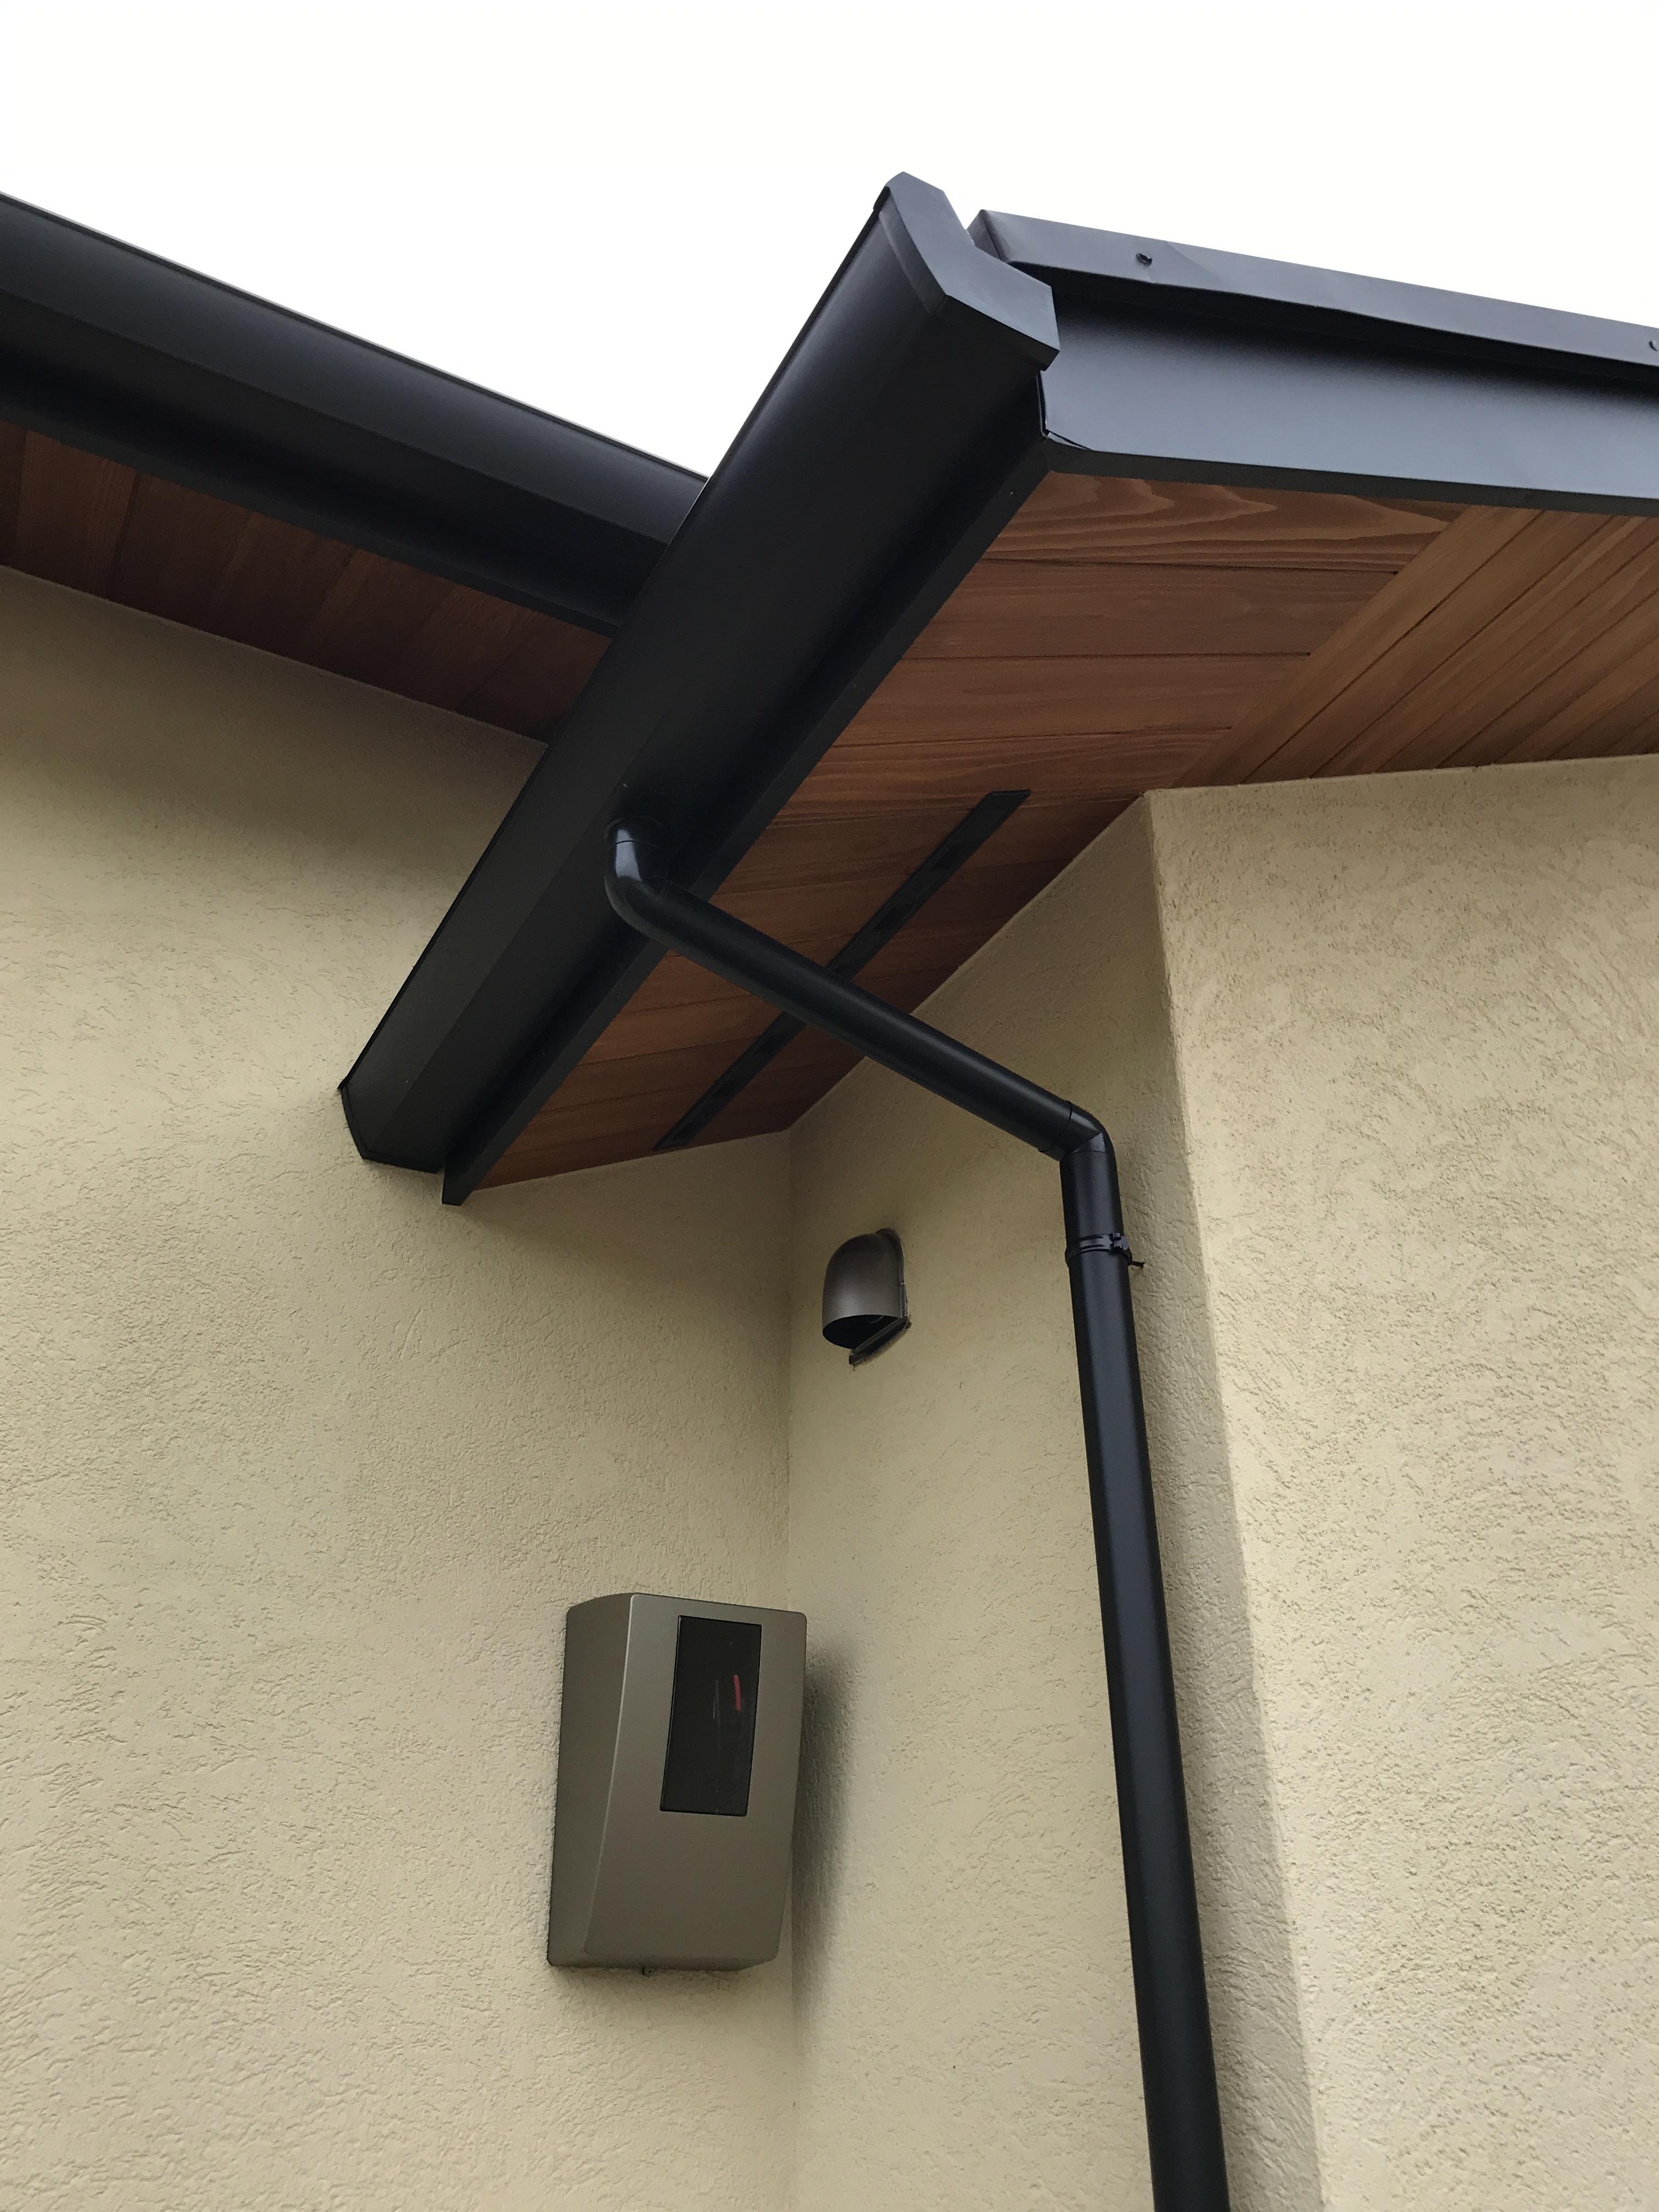 電気メーターボックスと雨樋